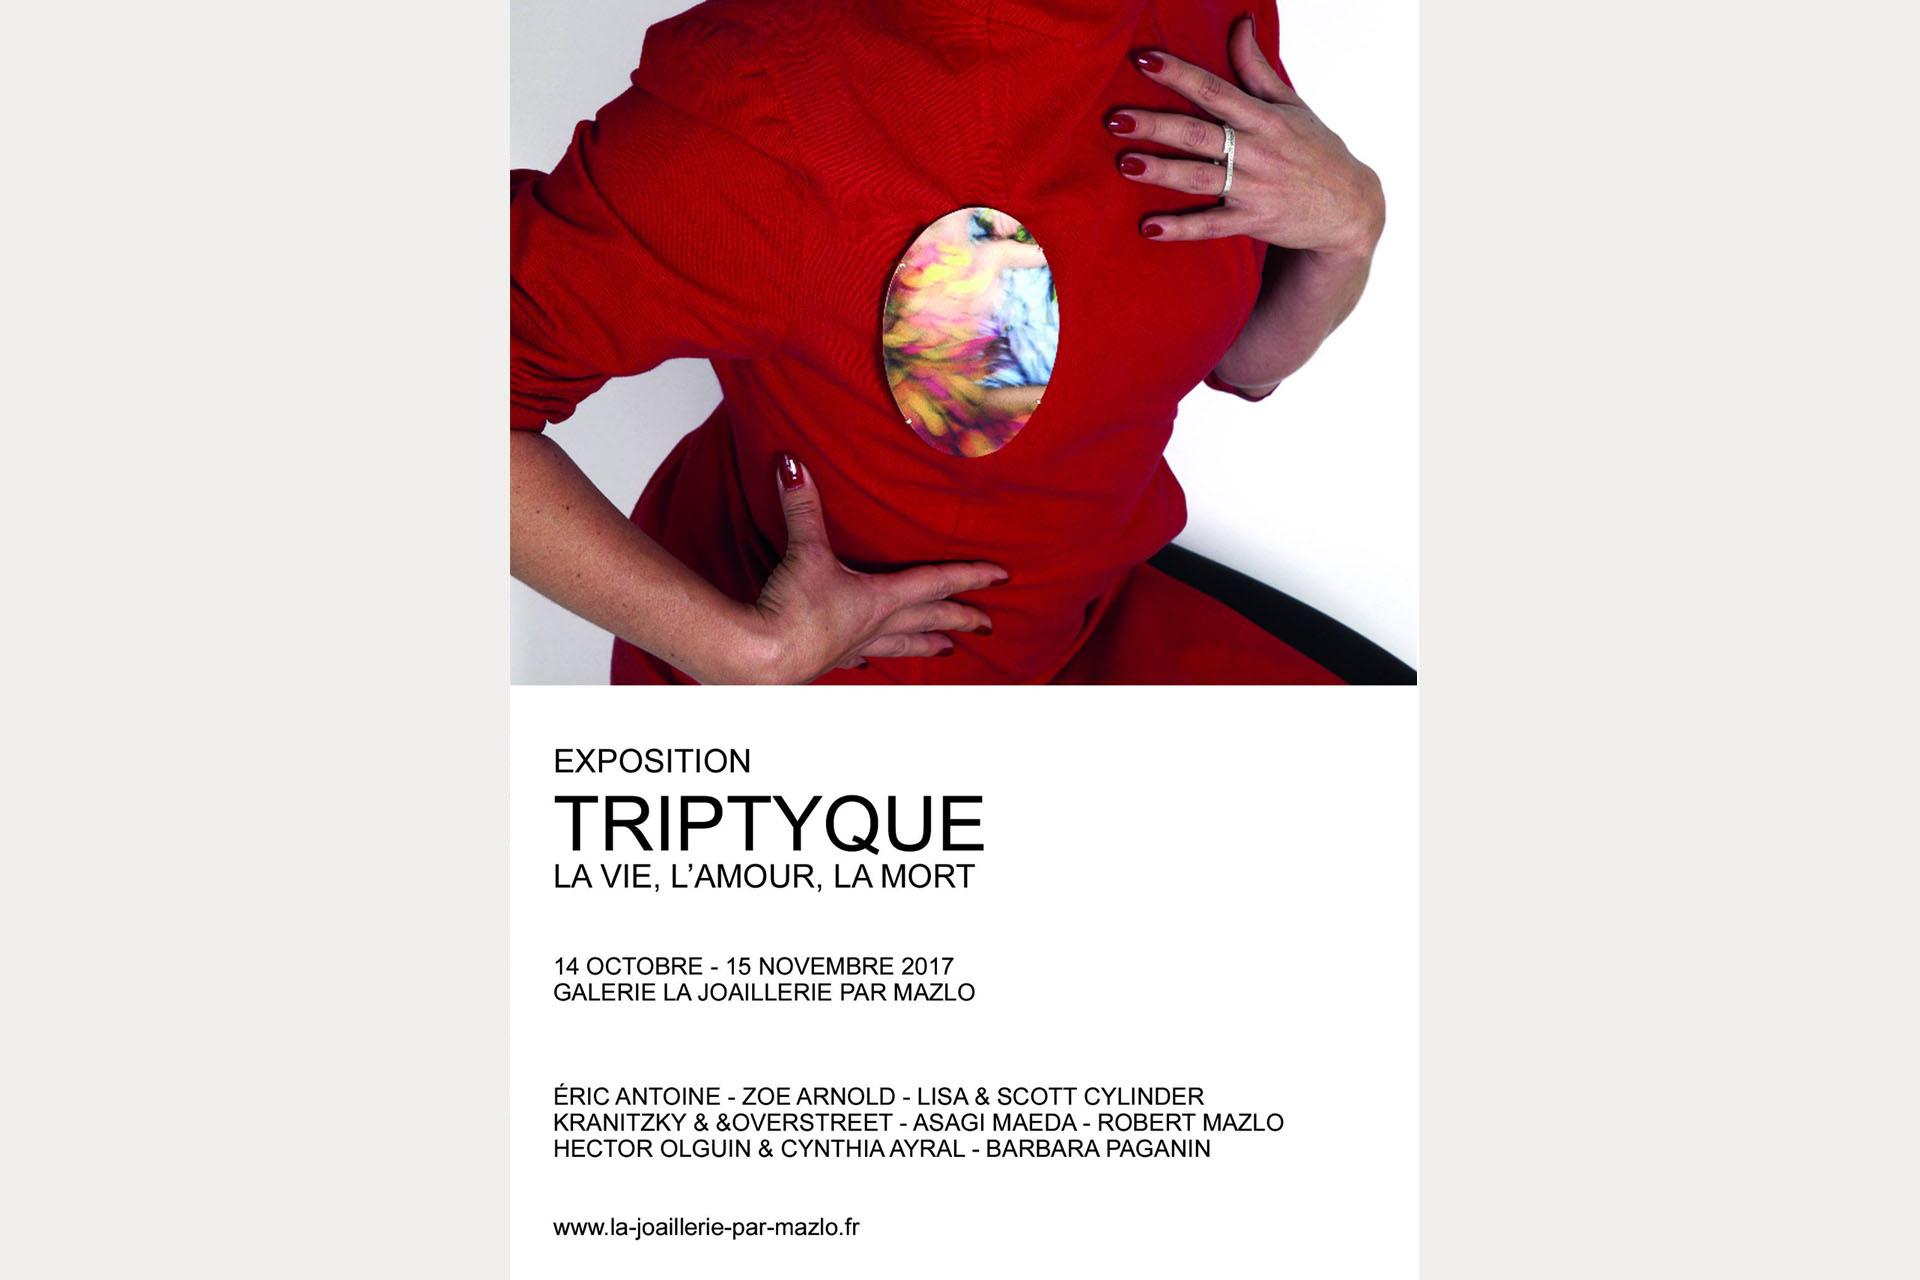 Triptyque expo affiche